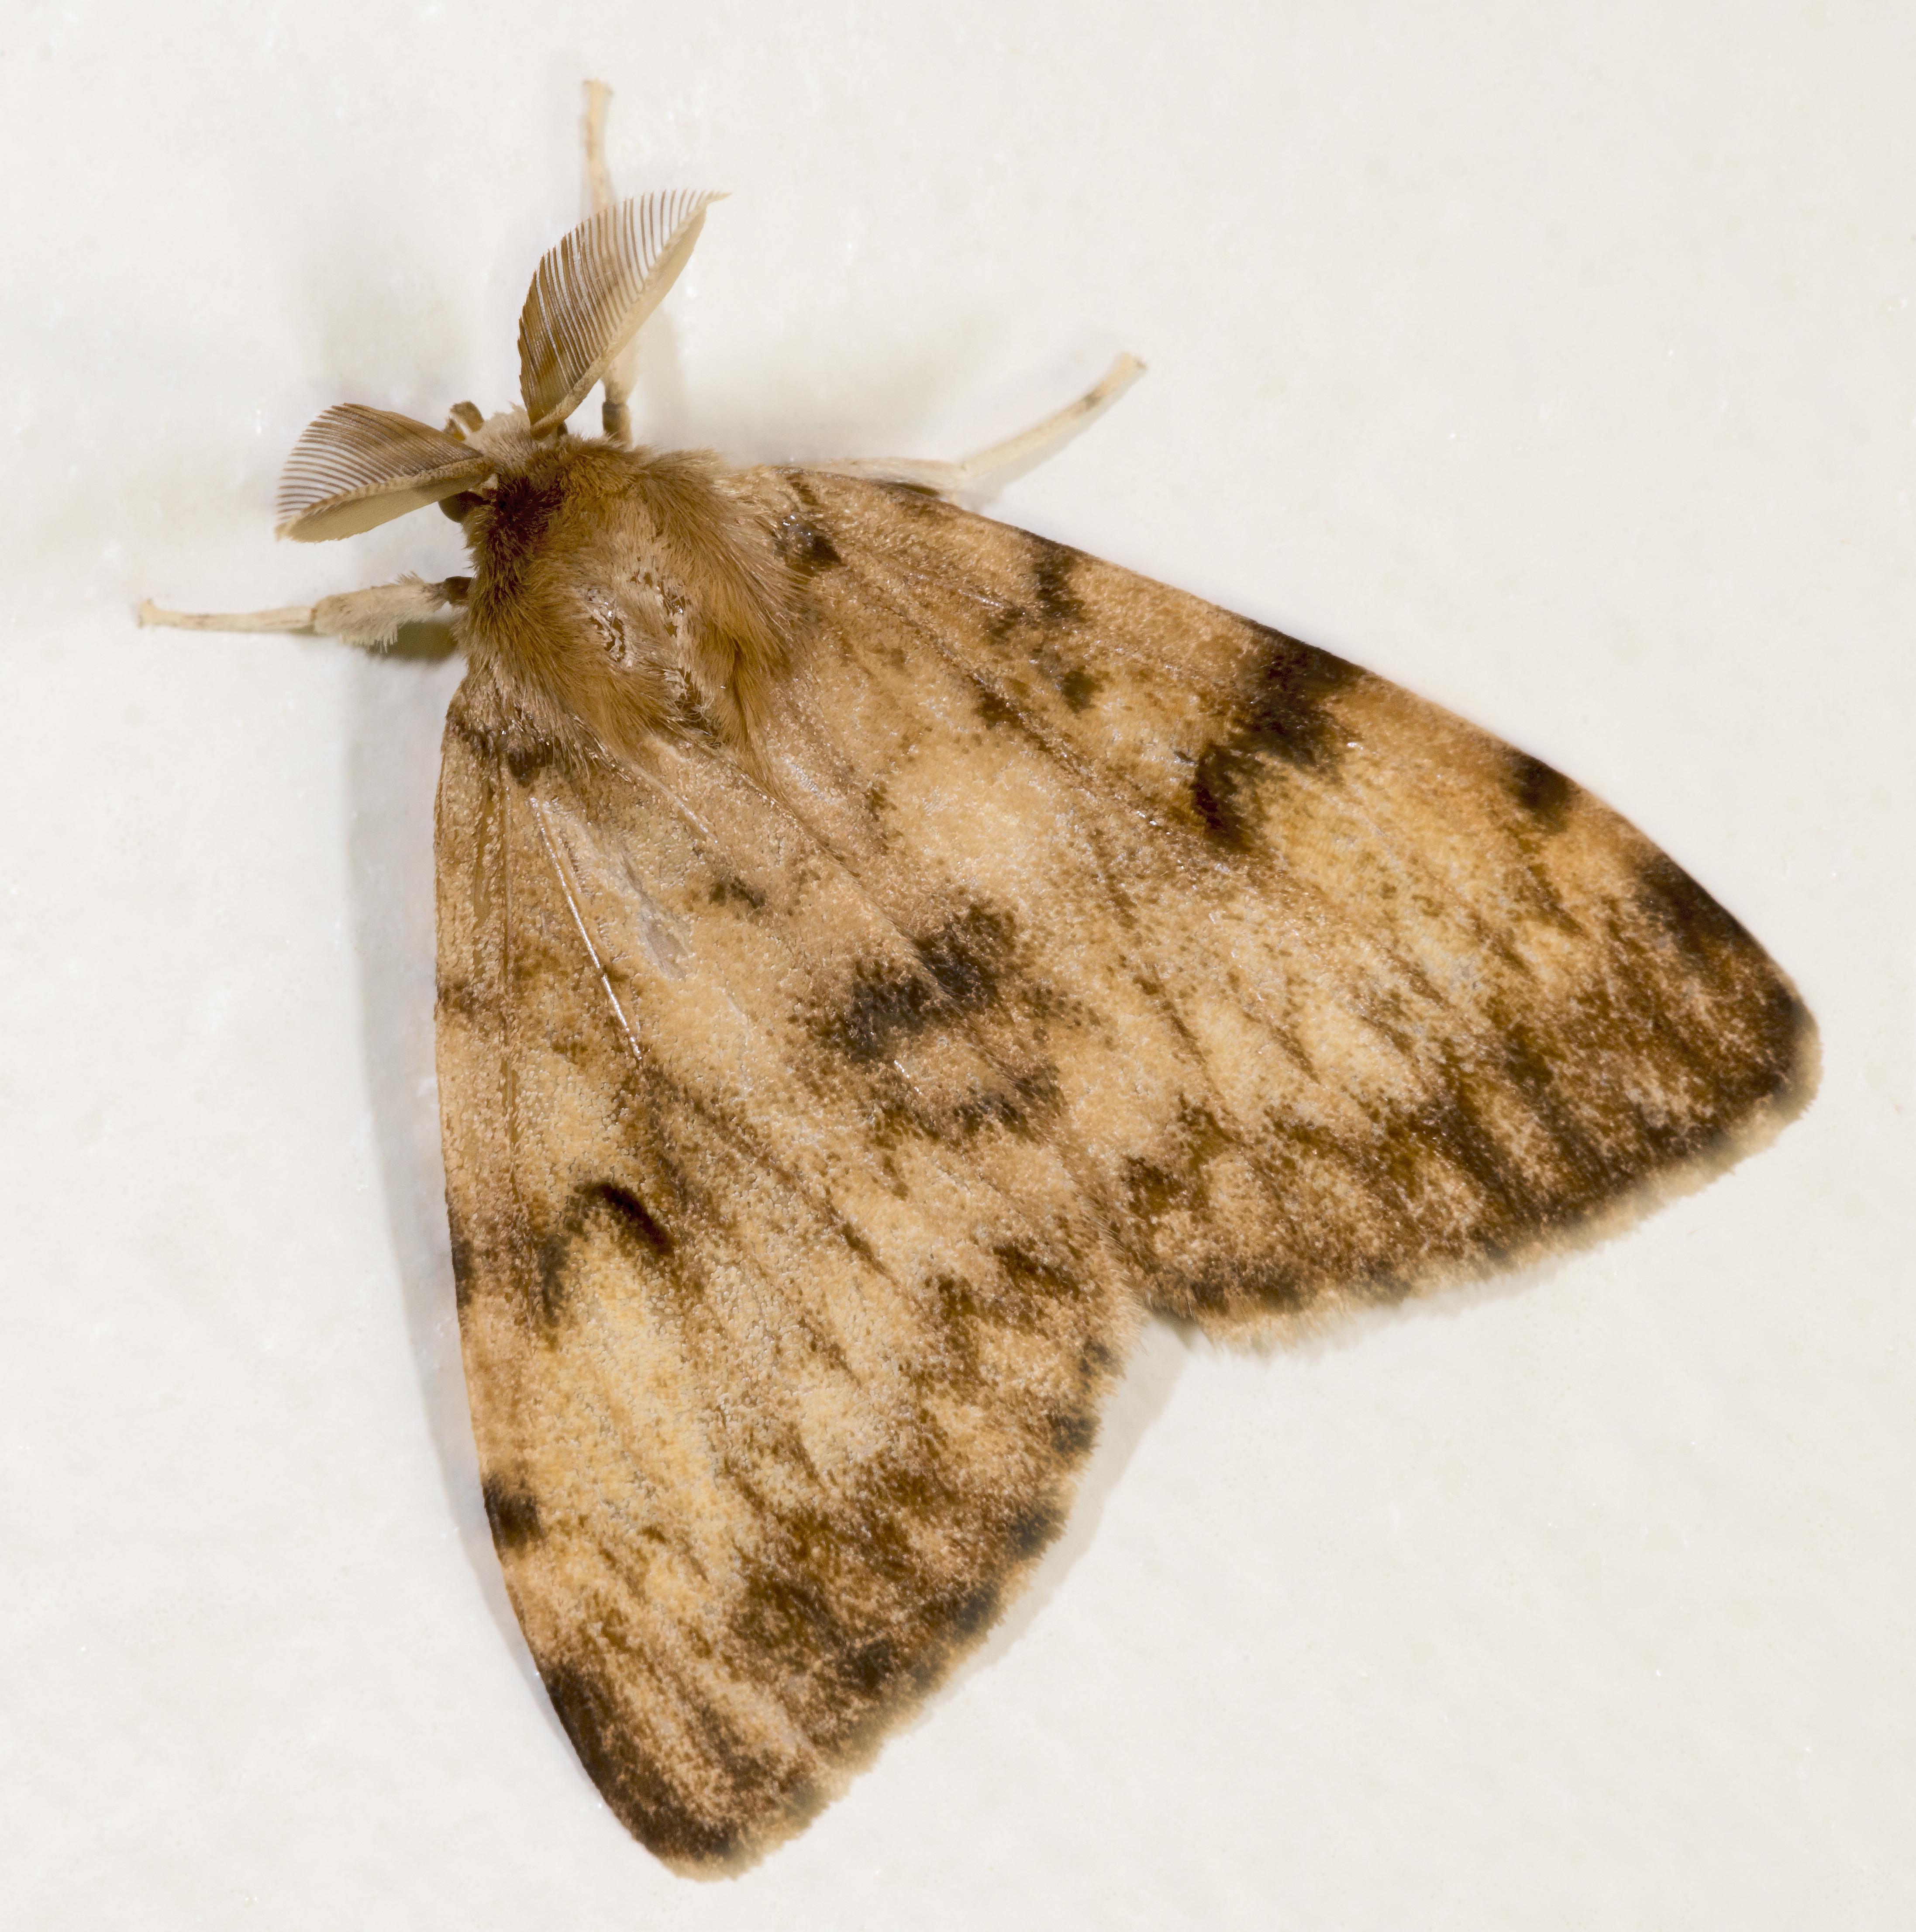 """Američtí entomologové pro gypsy moth pouští do hledání takového jména, které by Romové nepovažovali za etnickou nadávku. Na snímku je sameček, který je na rozdíl od samičky, """"snědý"""". Kredit: Didier Descouens, CC BY-SA 4.0."""